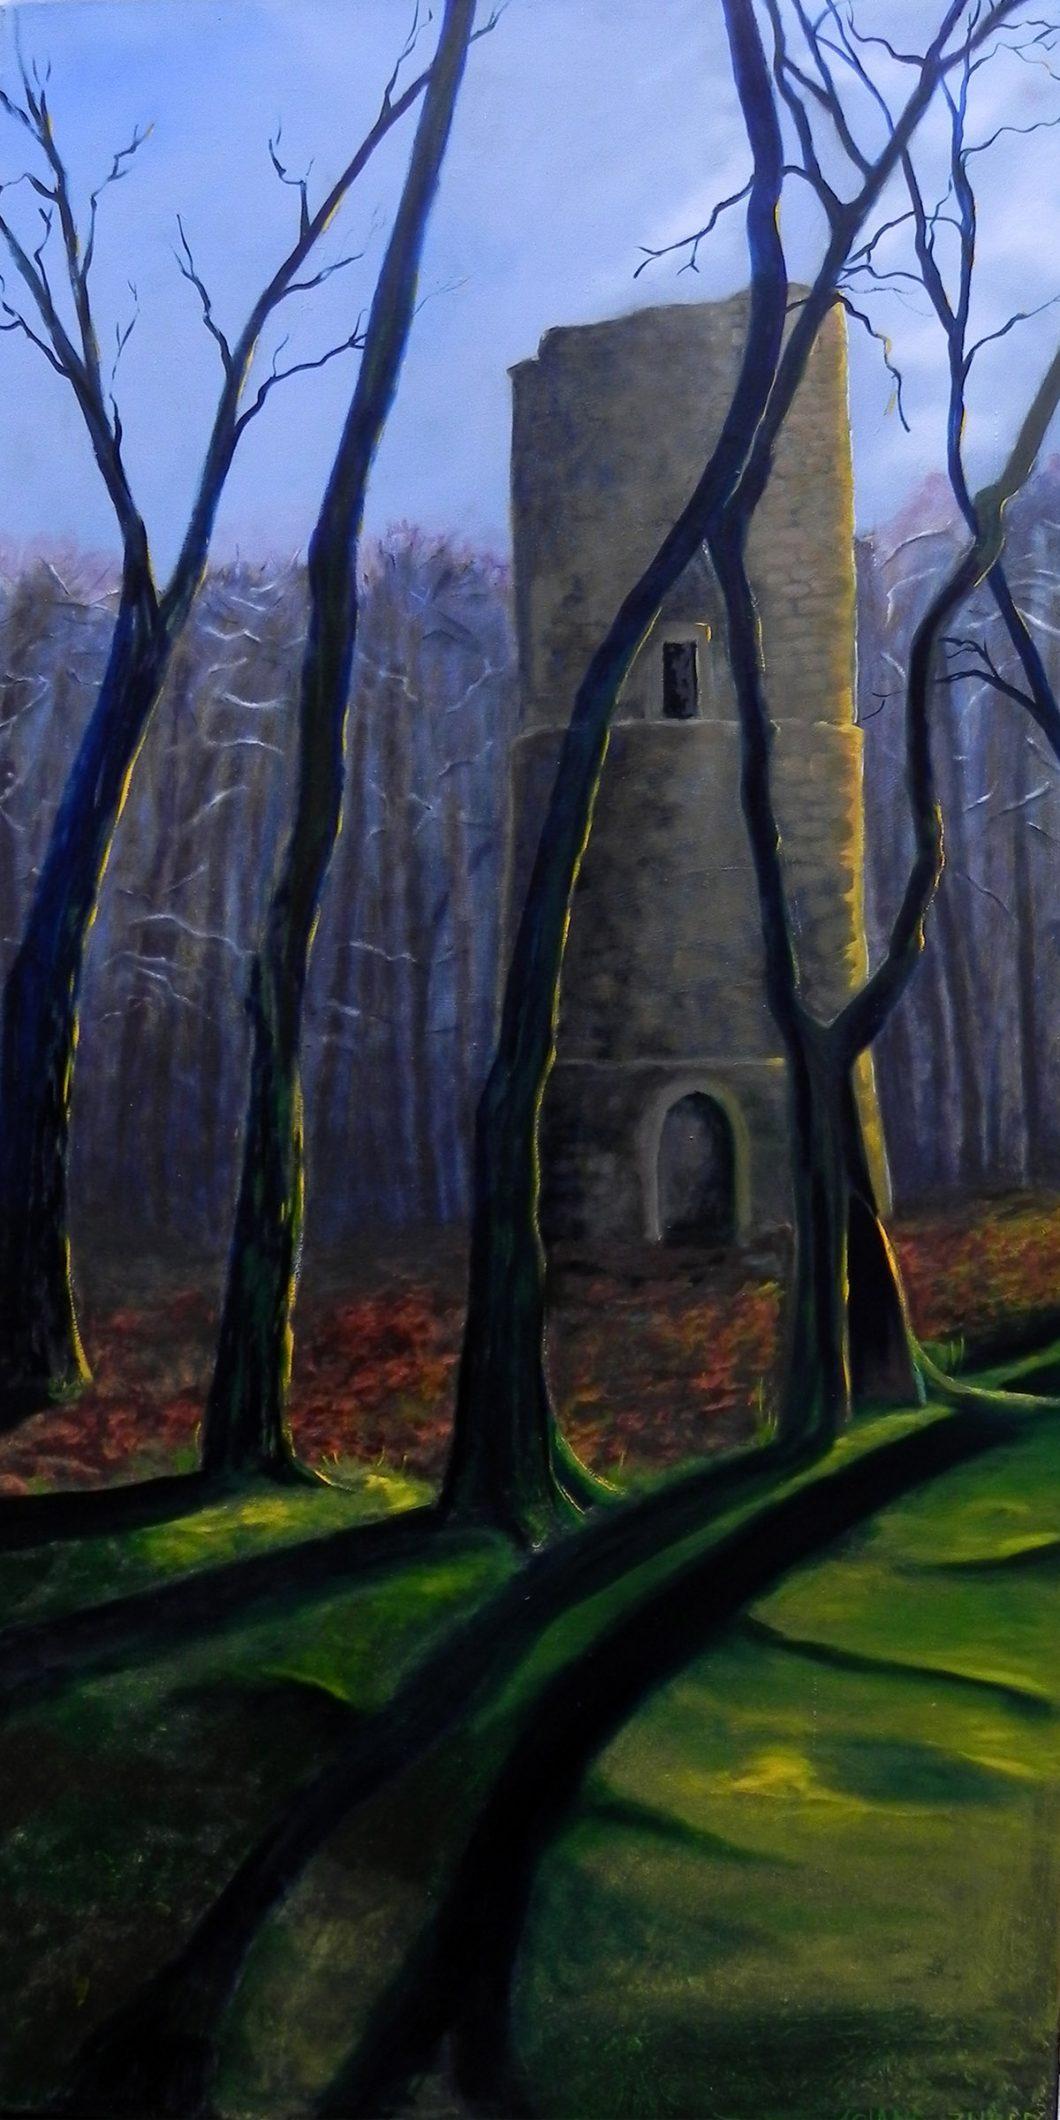 Bramburg im Solling, Ölbild von Ariane Zuber